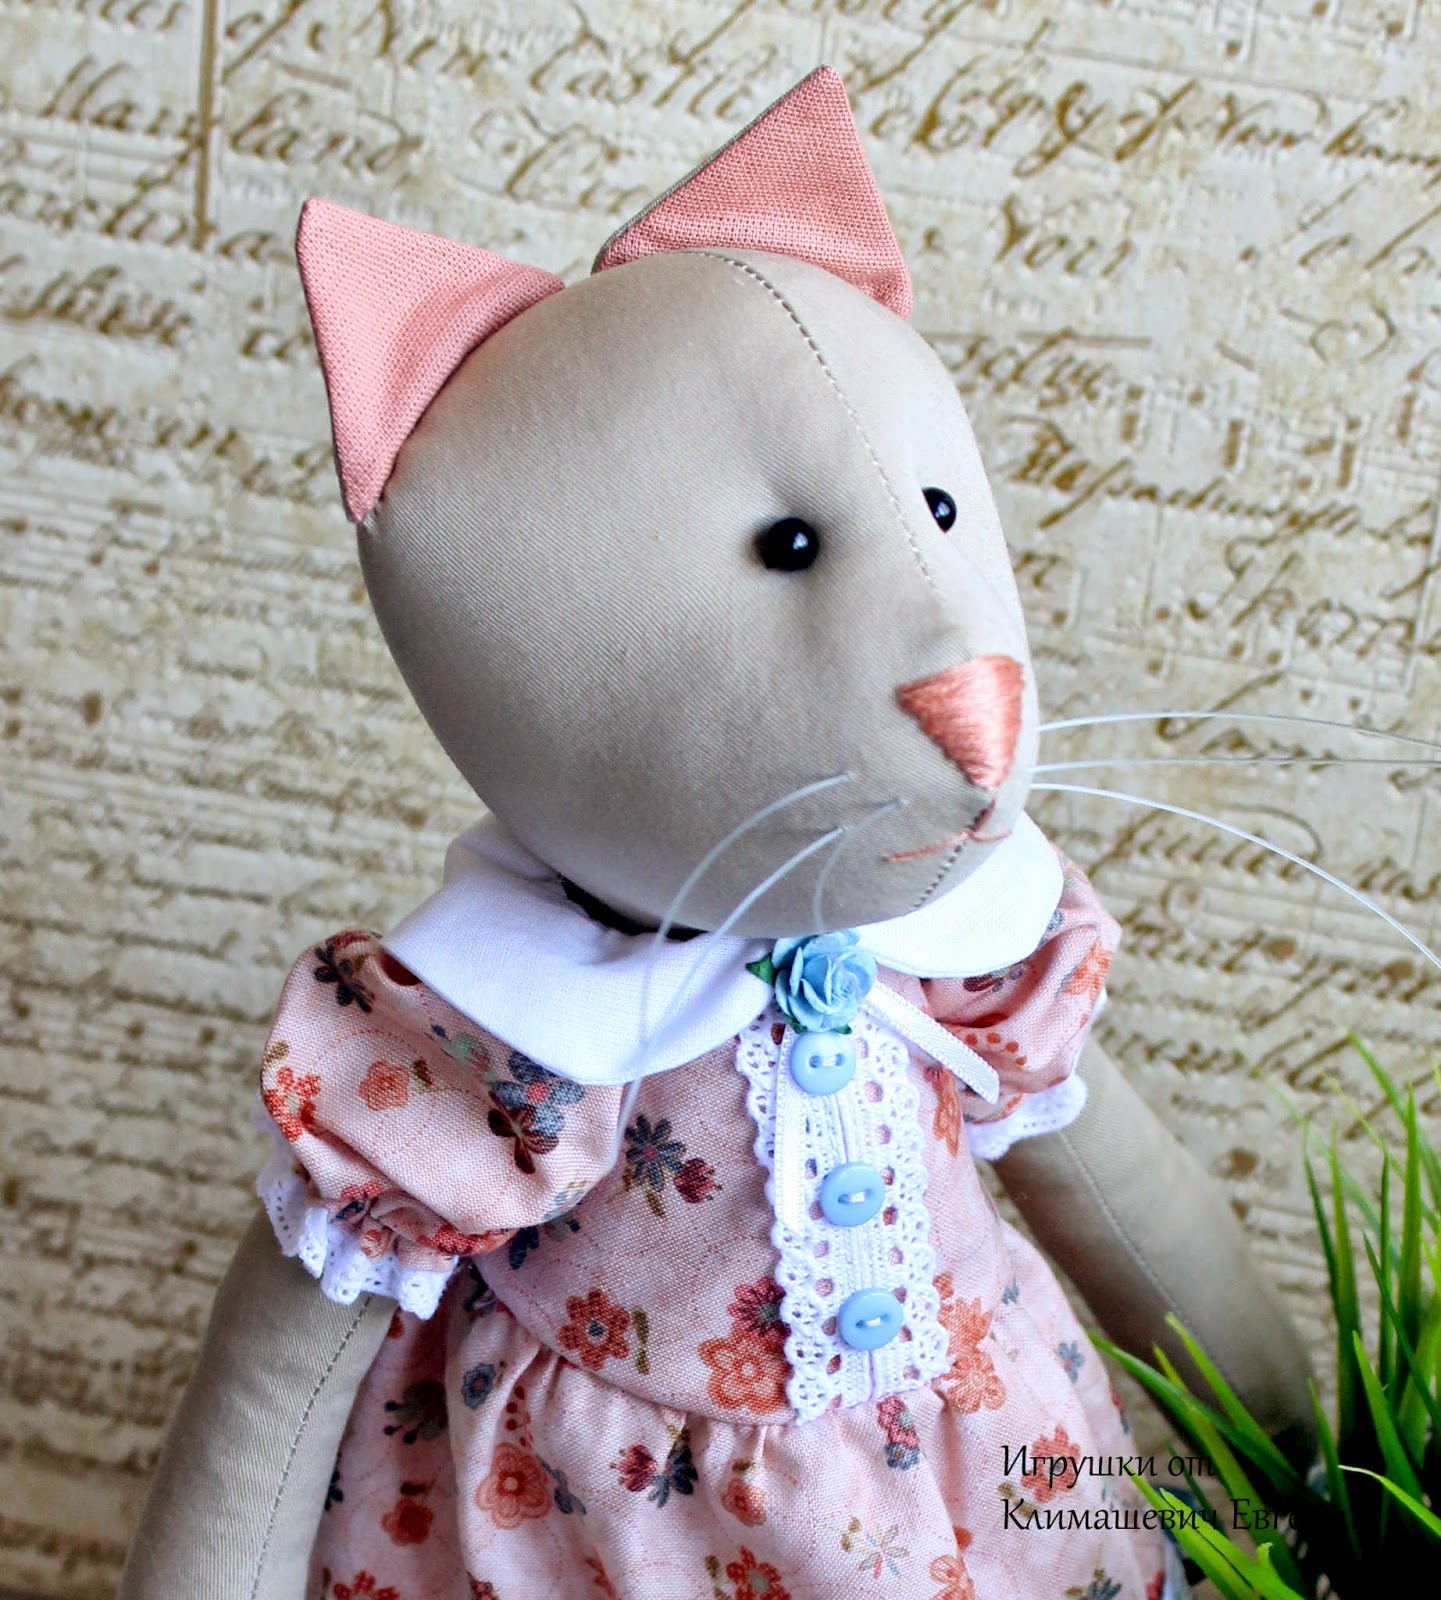 Кошка, кошечка, кот, игрушка кошка, игрушка, кошка с птичкой, кошка в платье, купить кошку, тильда кошка, тильда, игрушка тильда, текстильная игрушка, авторская игрушка, интерьерная игрушка